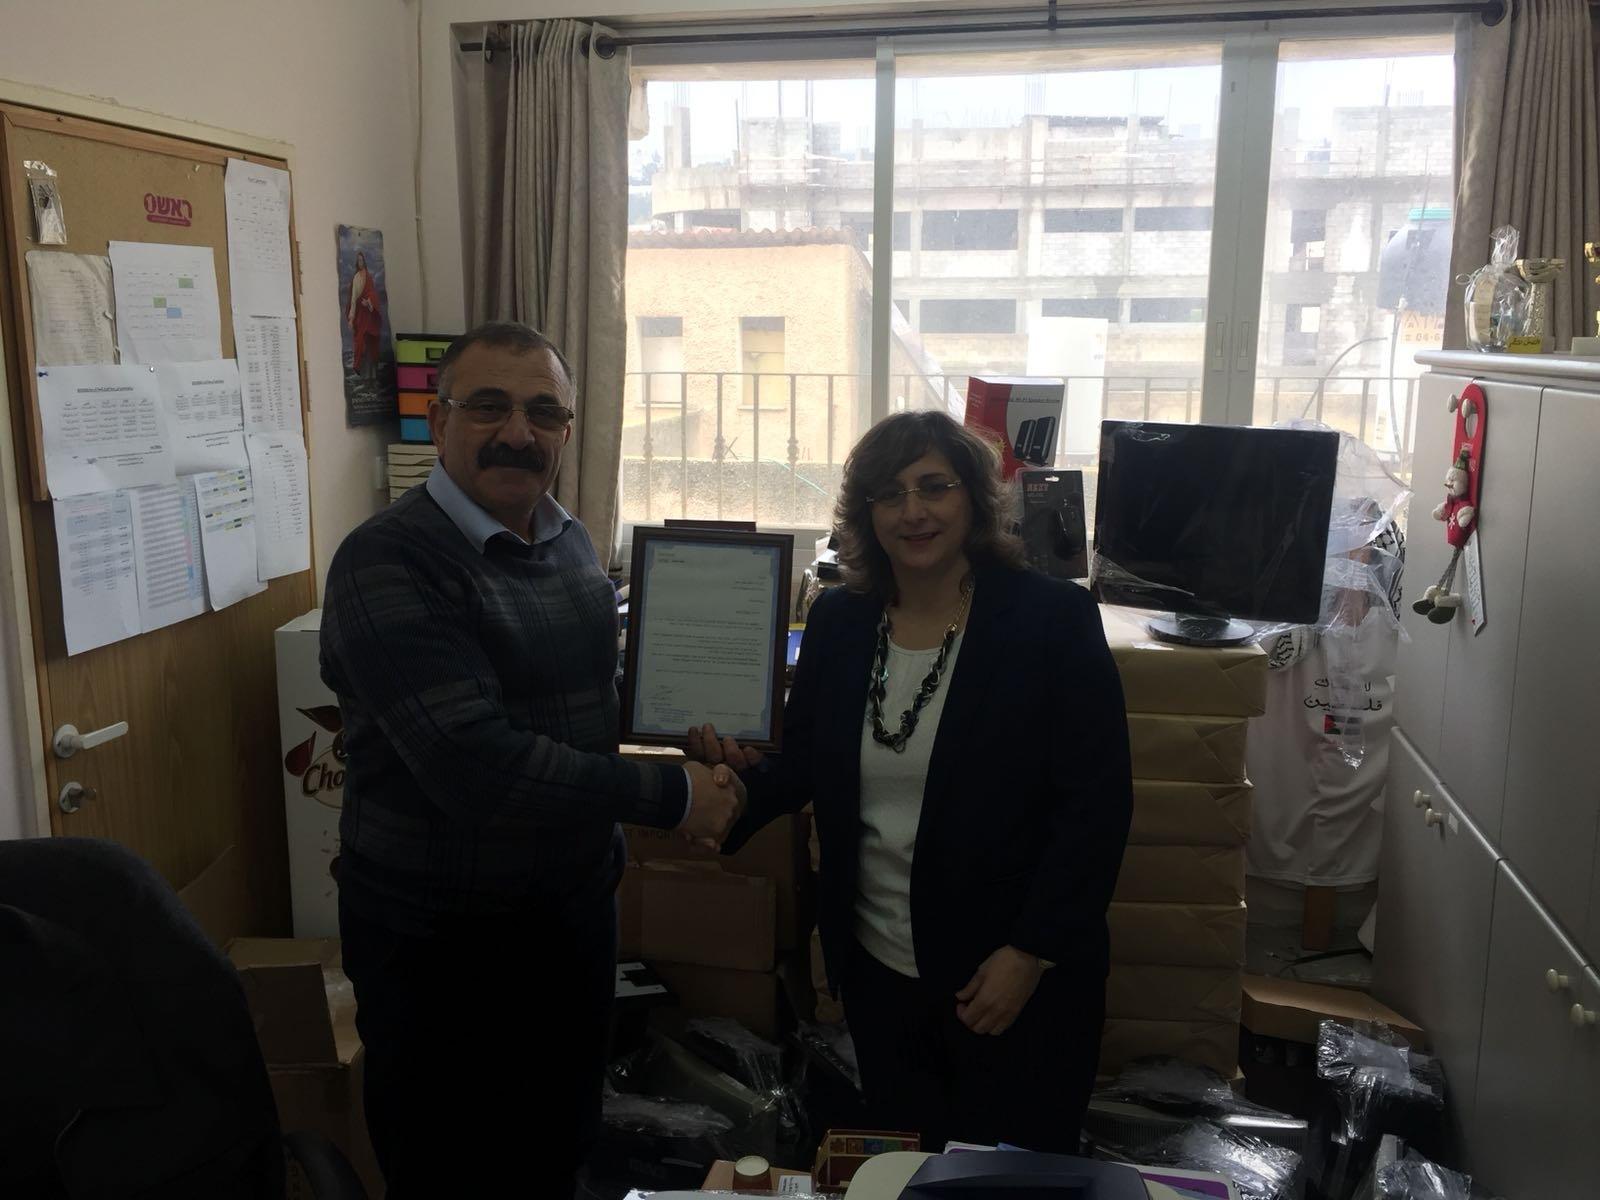 بنك هبوعليم فرع الرينة يتبرع ب 20 حاسوبا لمدرسة البطريركية اللاتينة في القرية